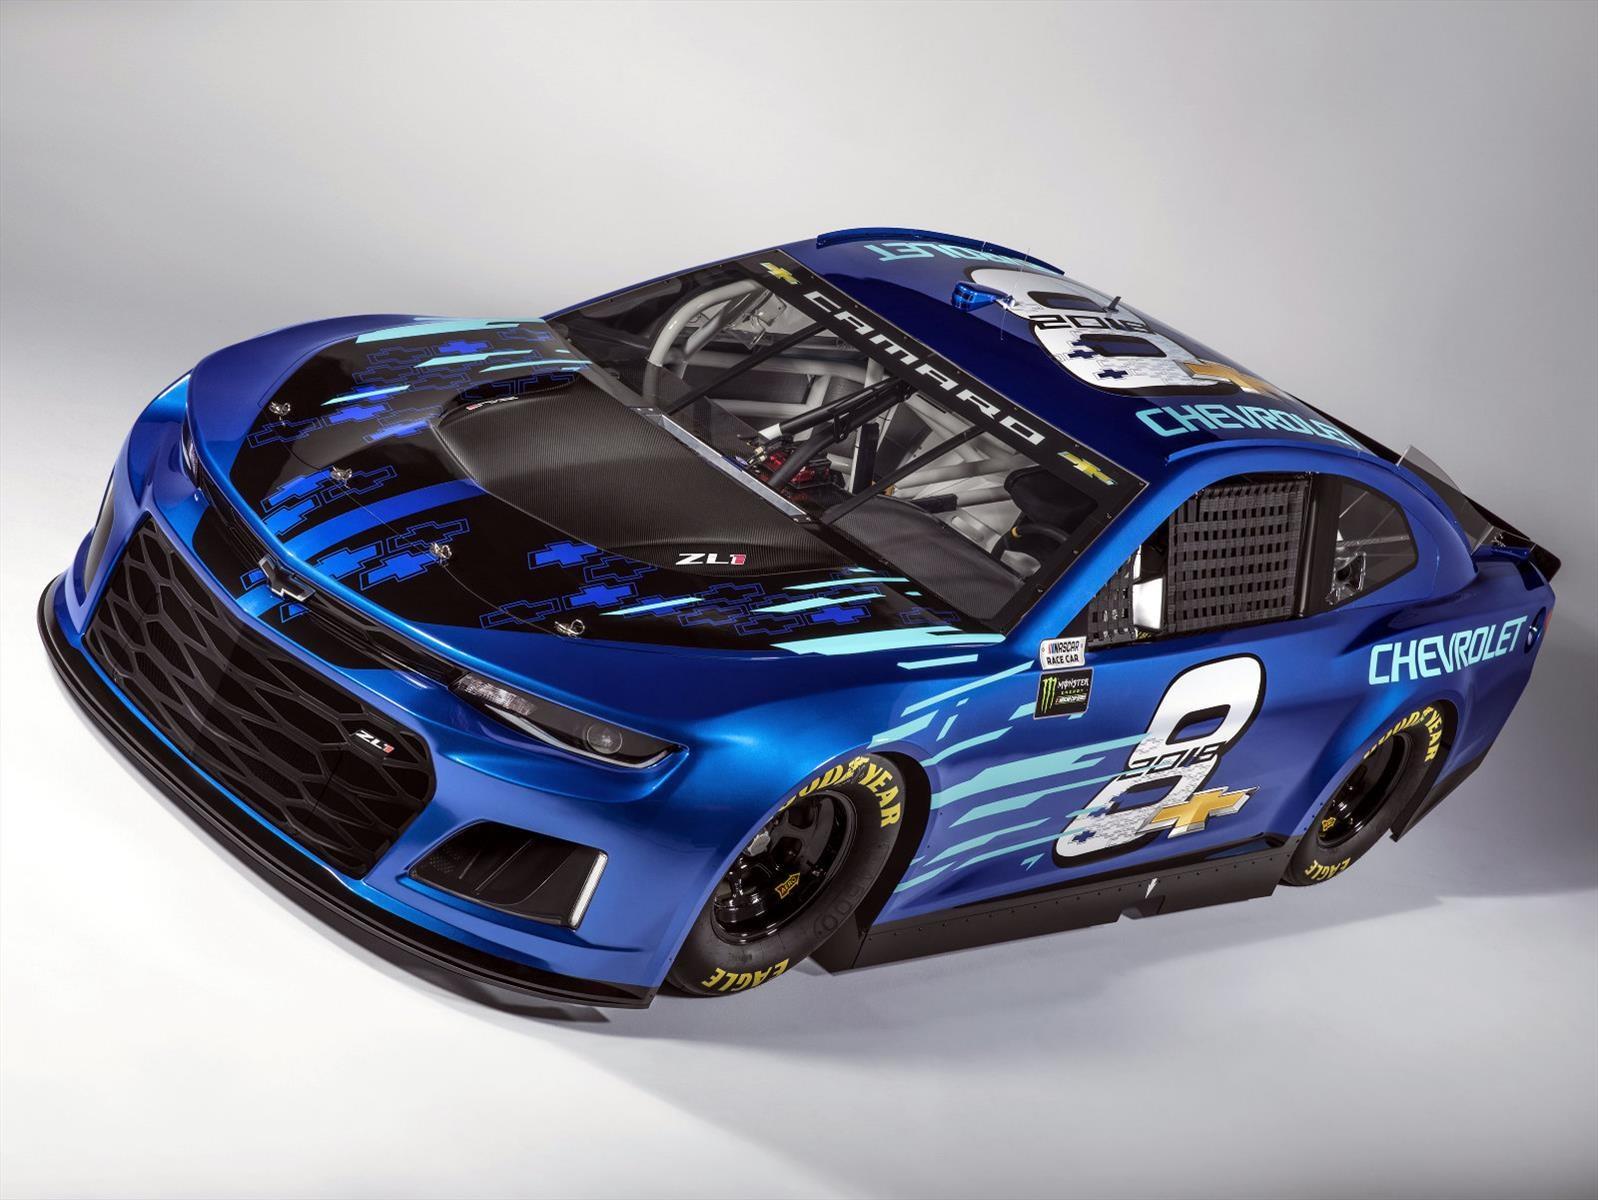 Chevrolet Camaro ZL1 NASCAR Cup, a la caza de Estados Unidos